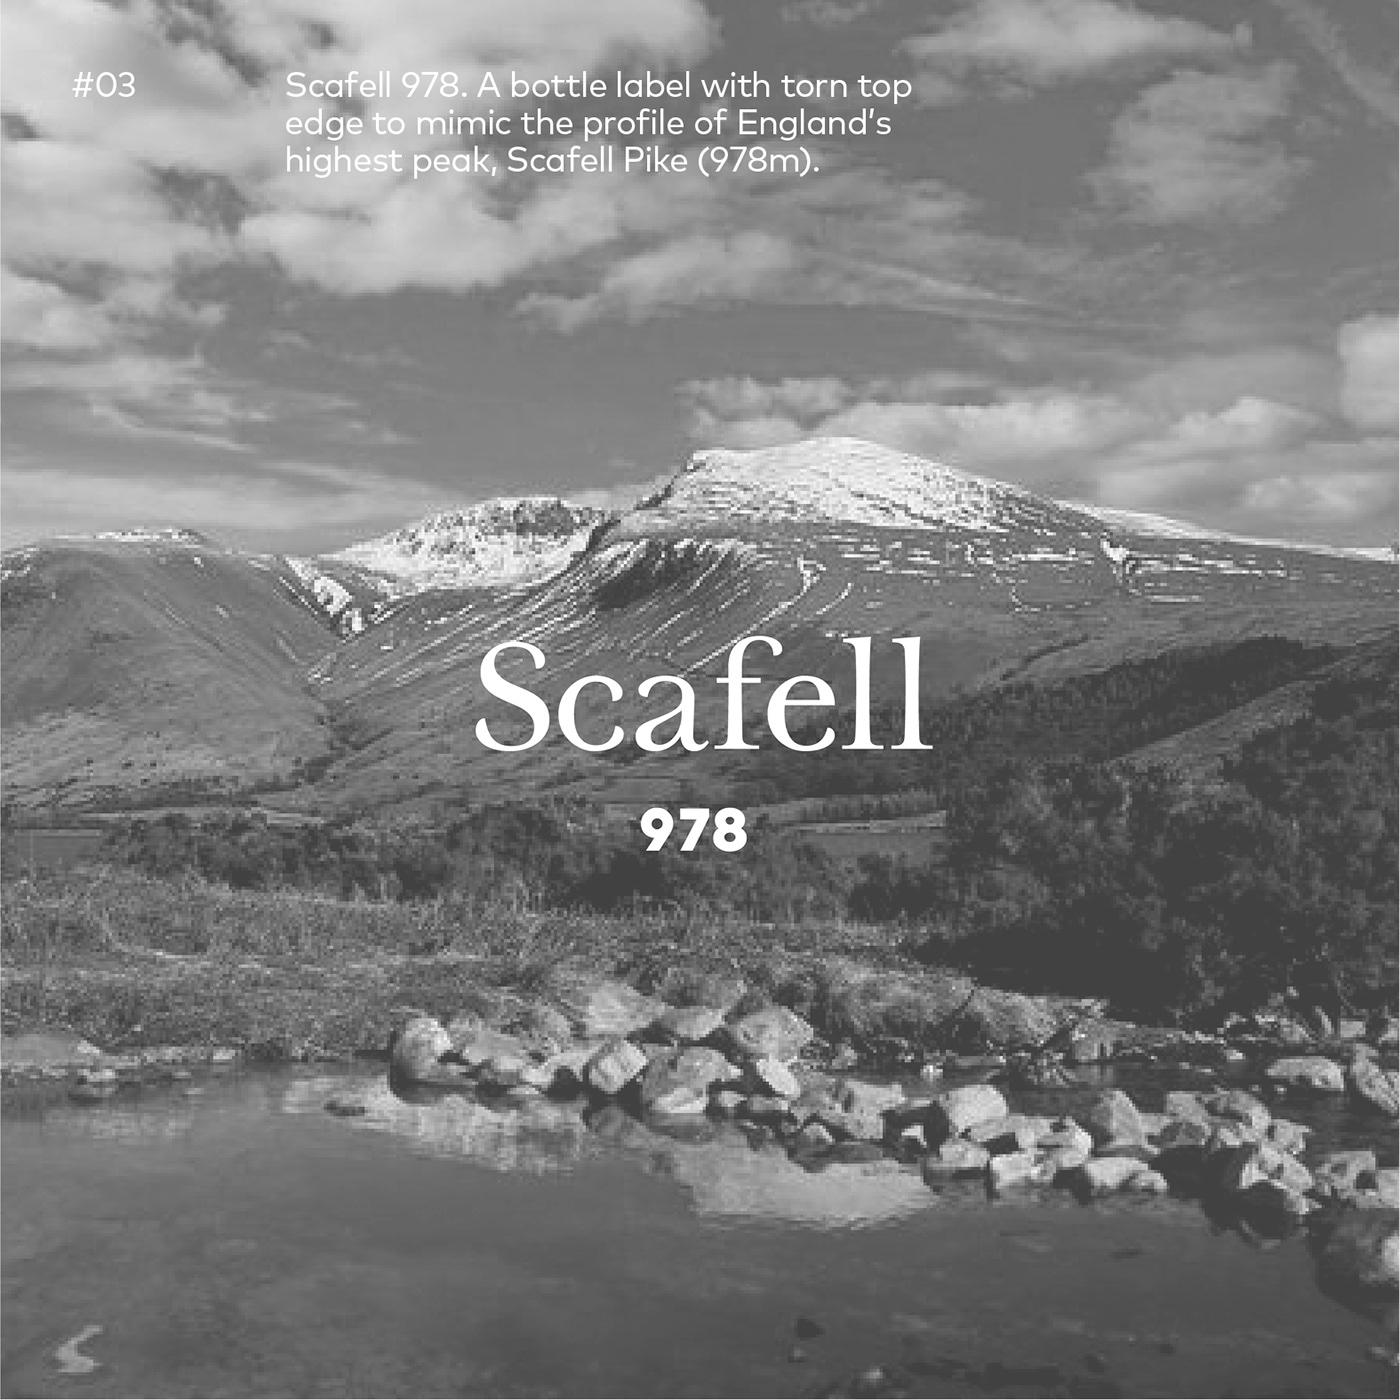 Scafell-02.jpg